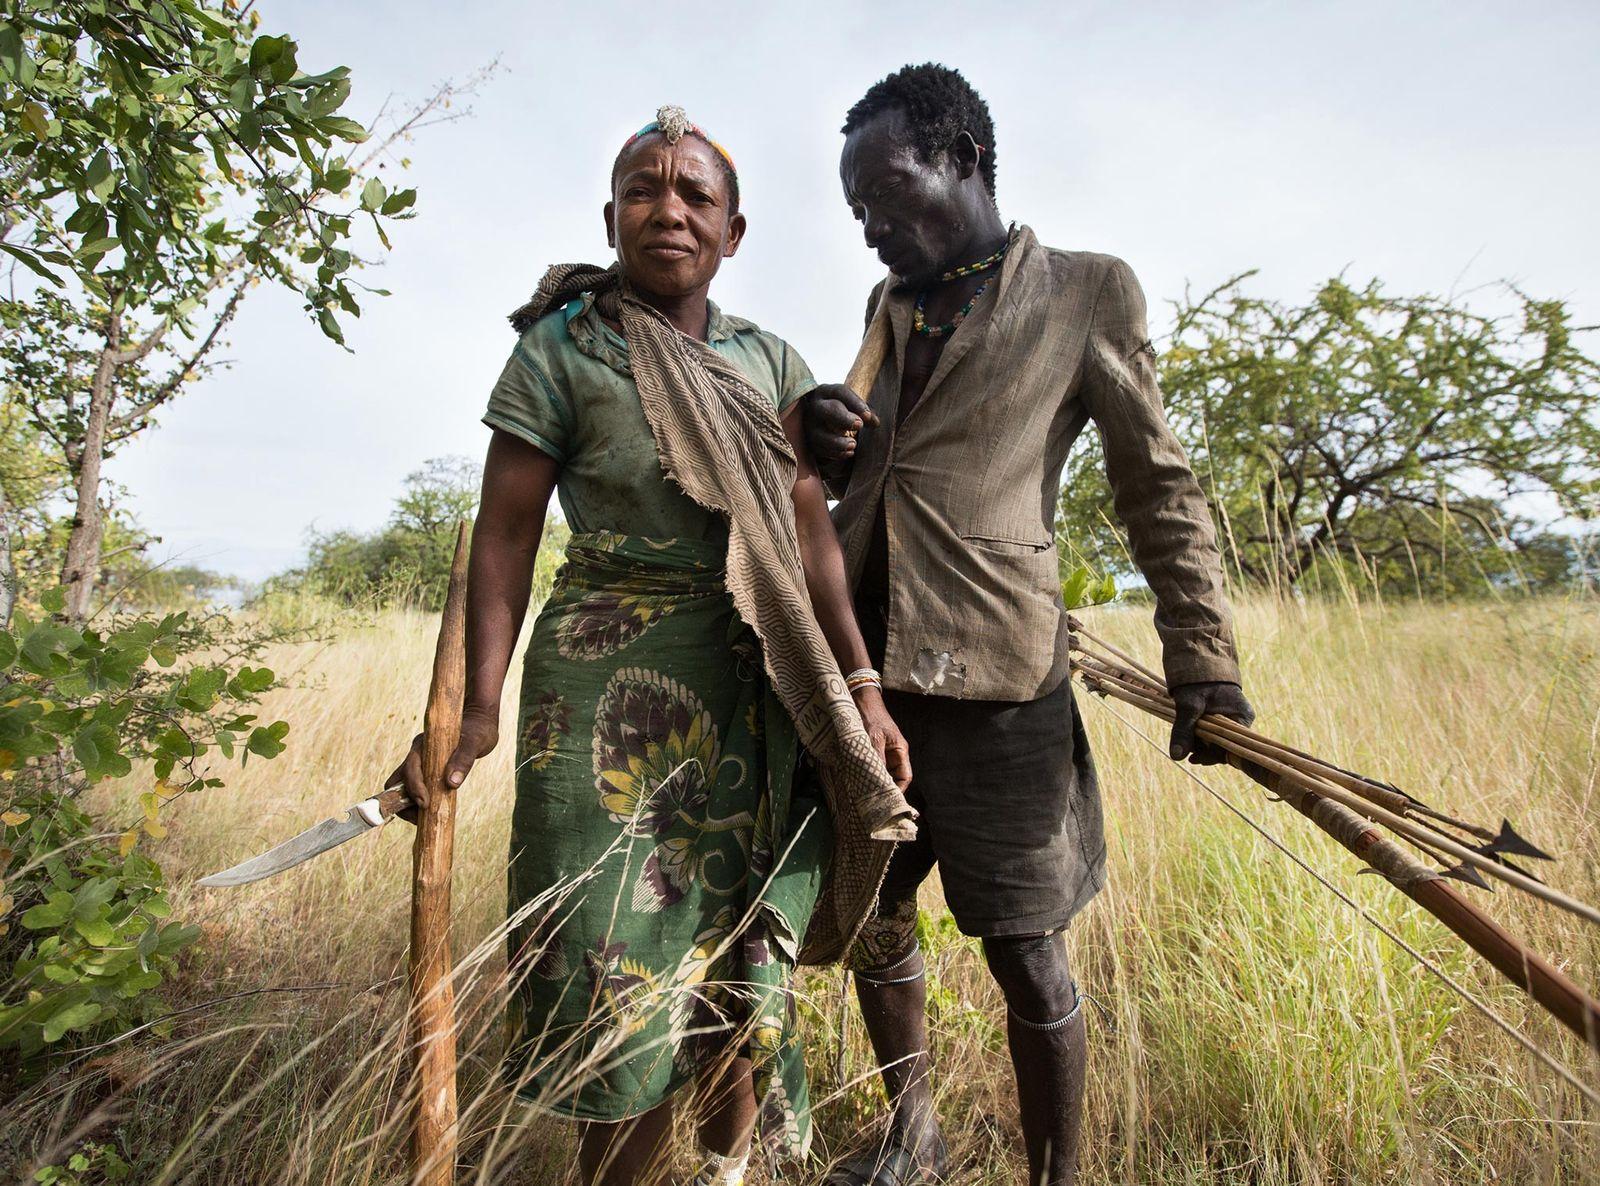 Wande e seu marido, Mokoa, saem para buscar comida juntos. Os Hazda, da Tanzânia, são os ...